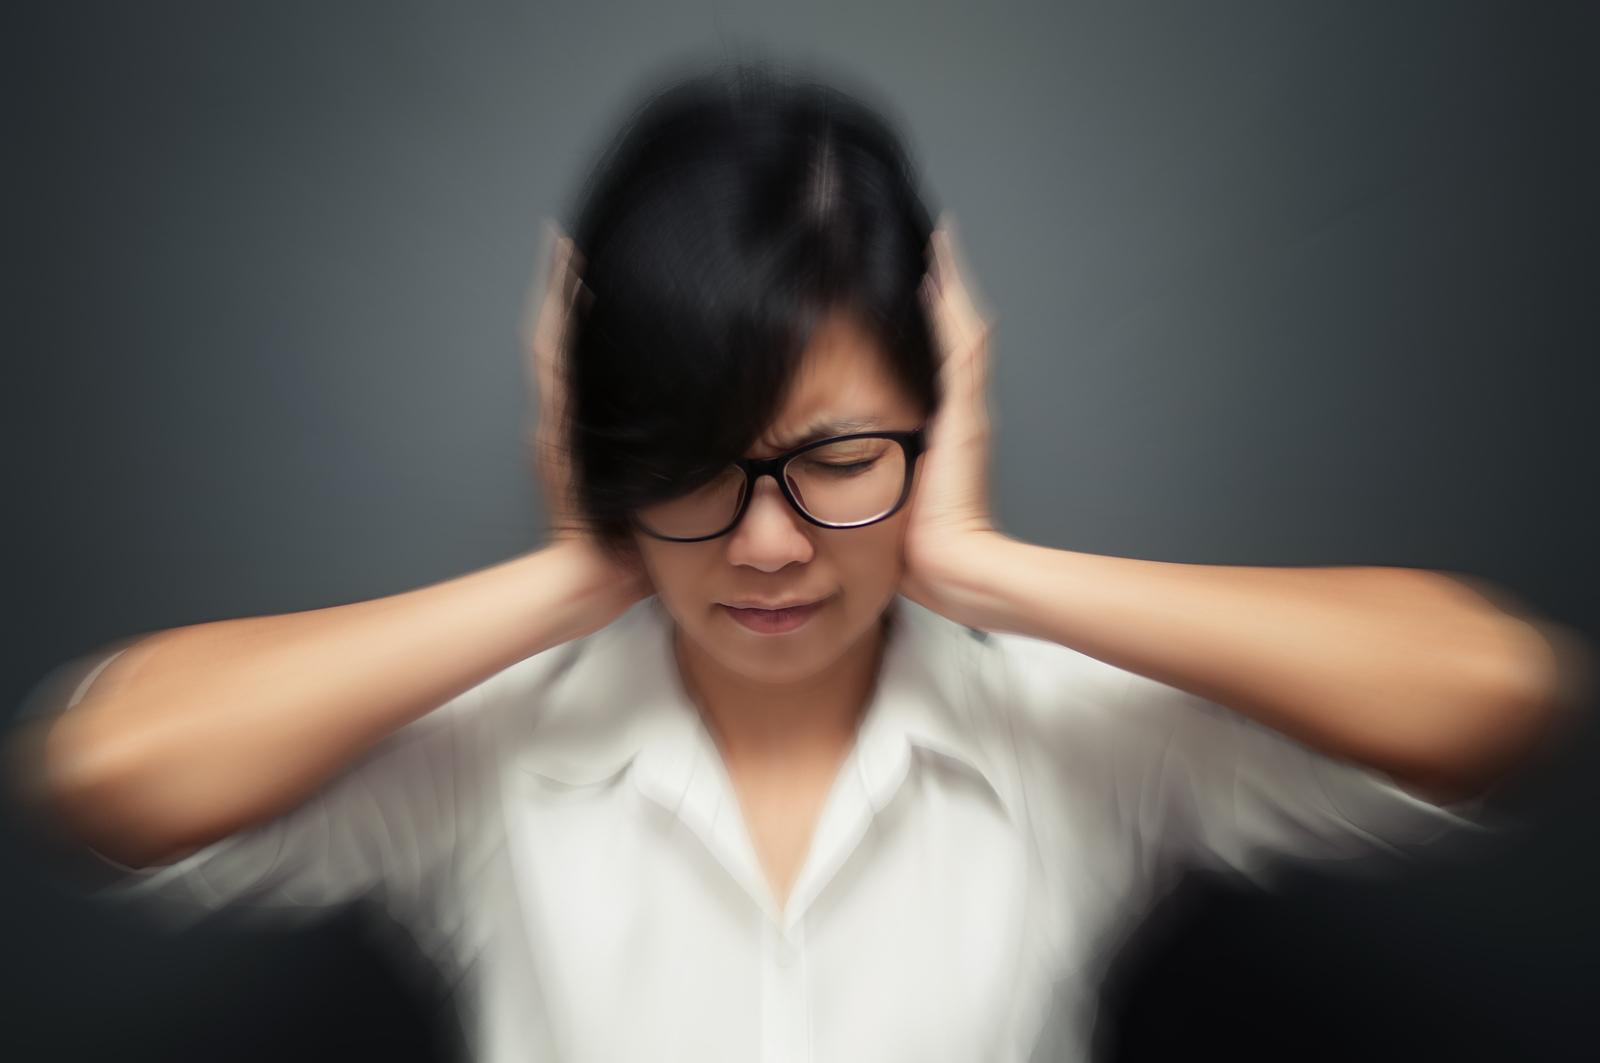 szumy uszne przyczyny objawy rodzaje leczenie